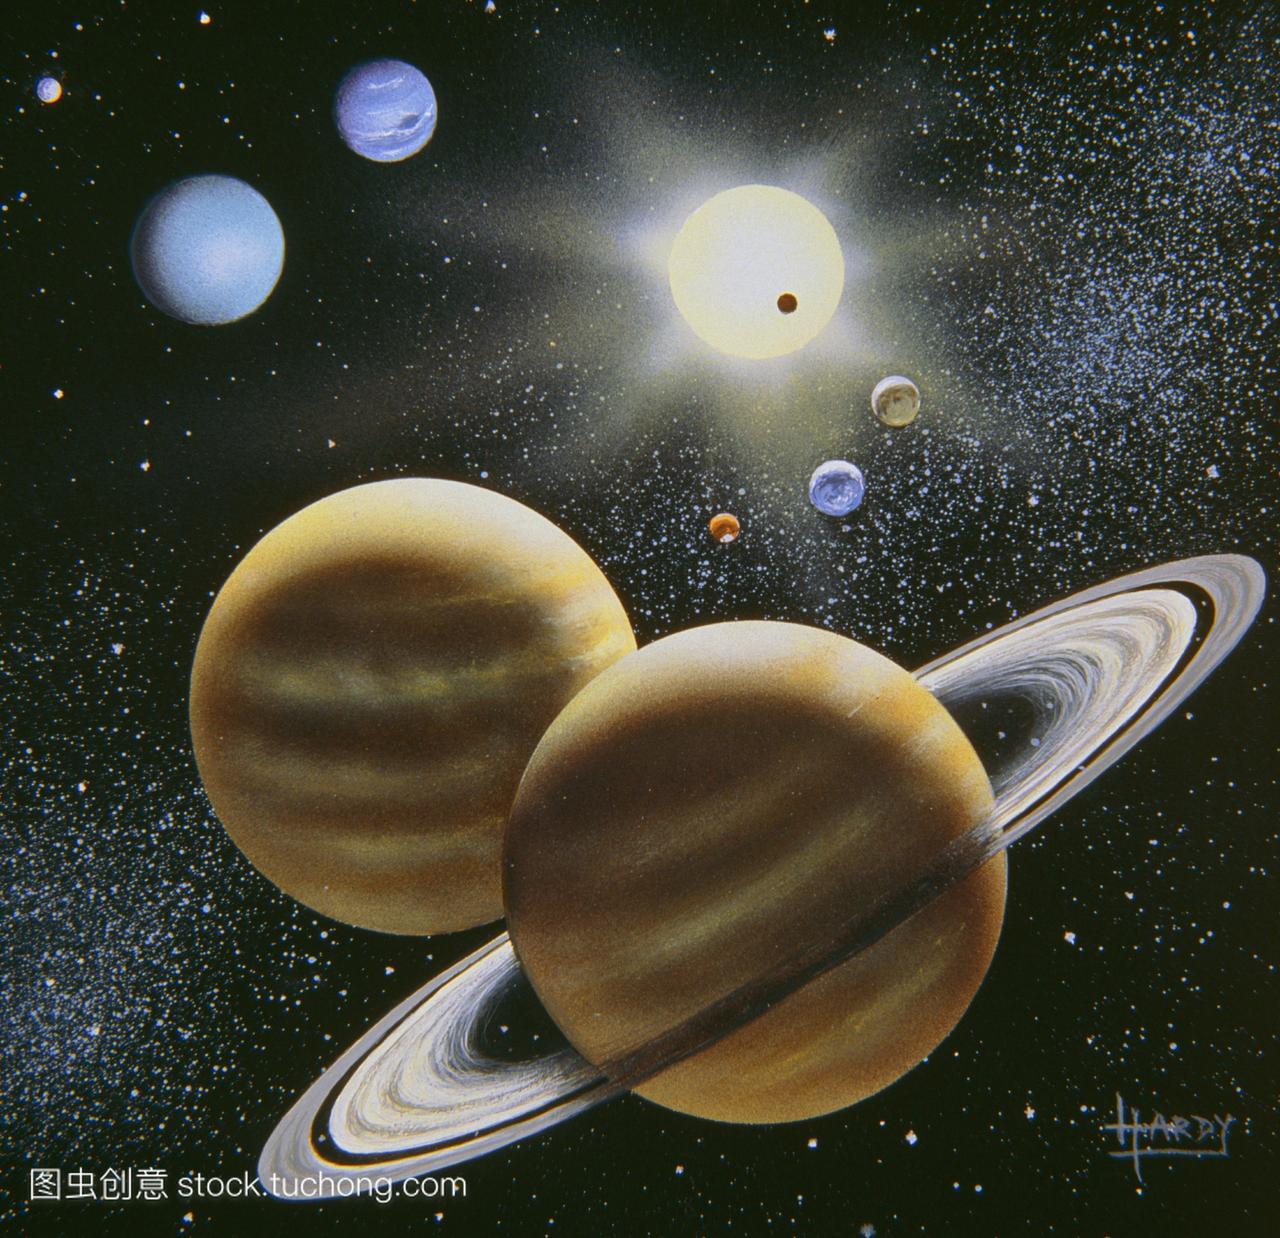 艺术品展示太阳系中的行星。在顶级中心发现太